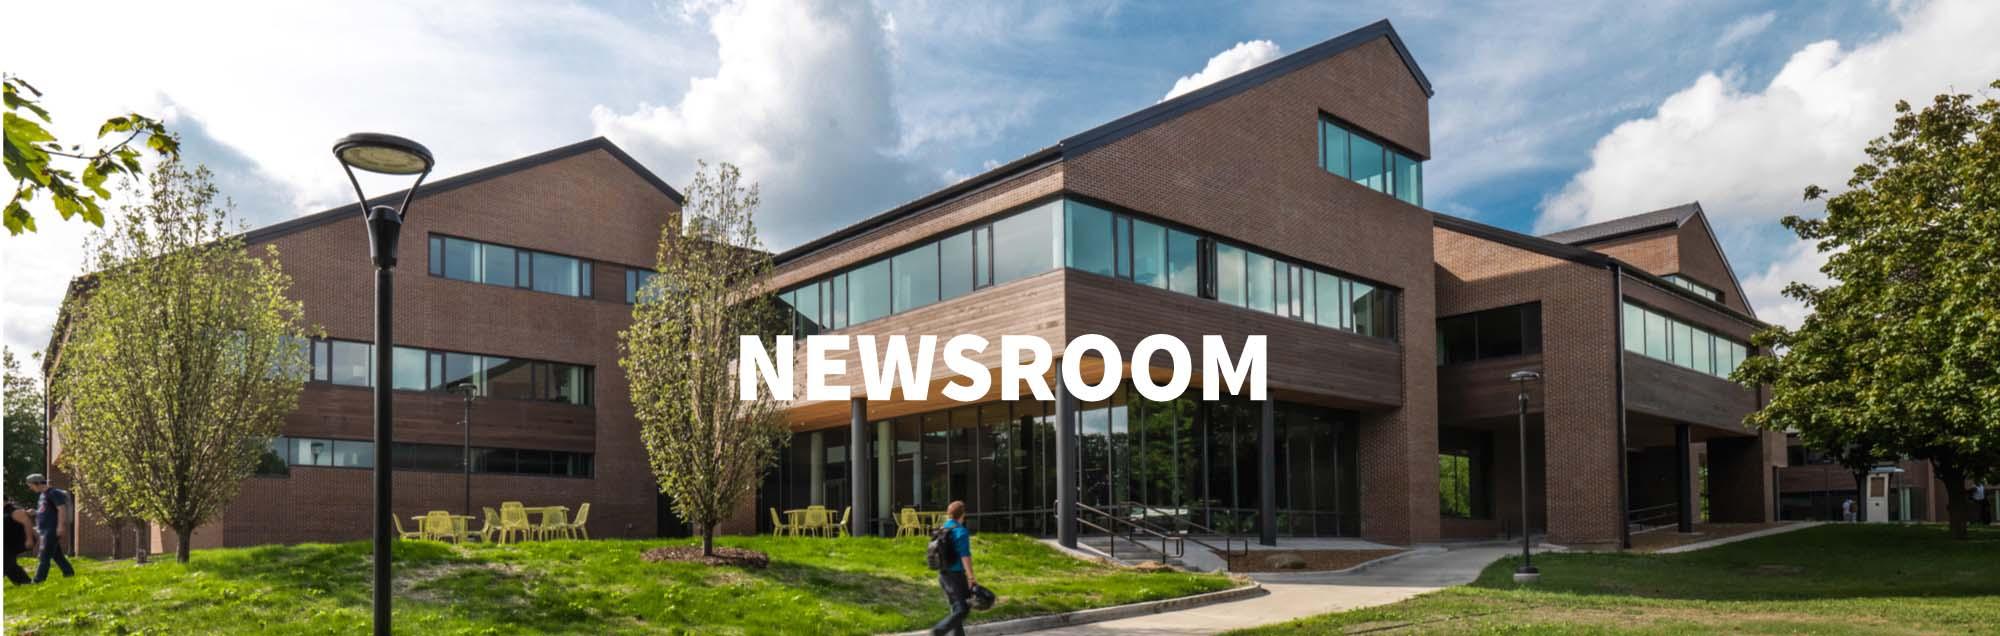 newsroom-exterior